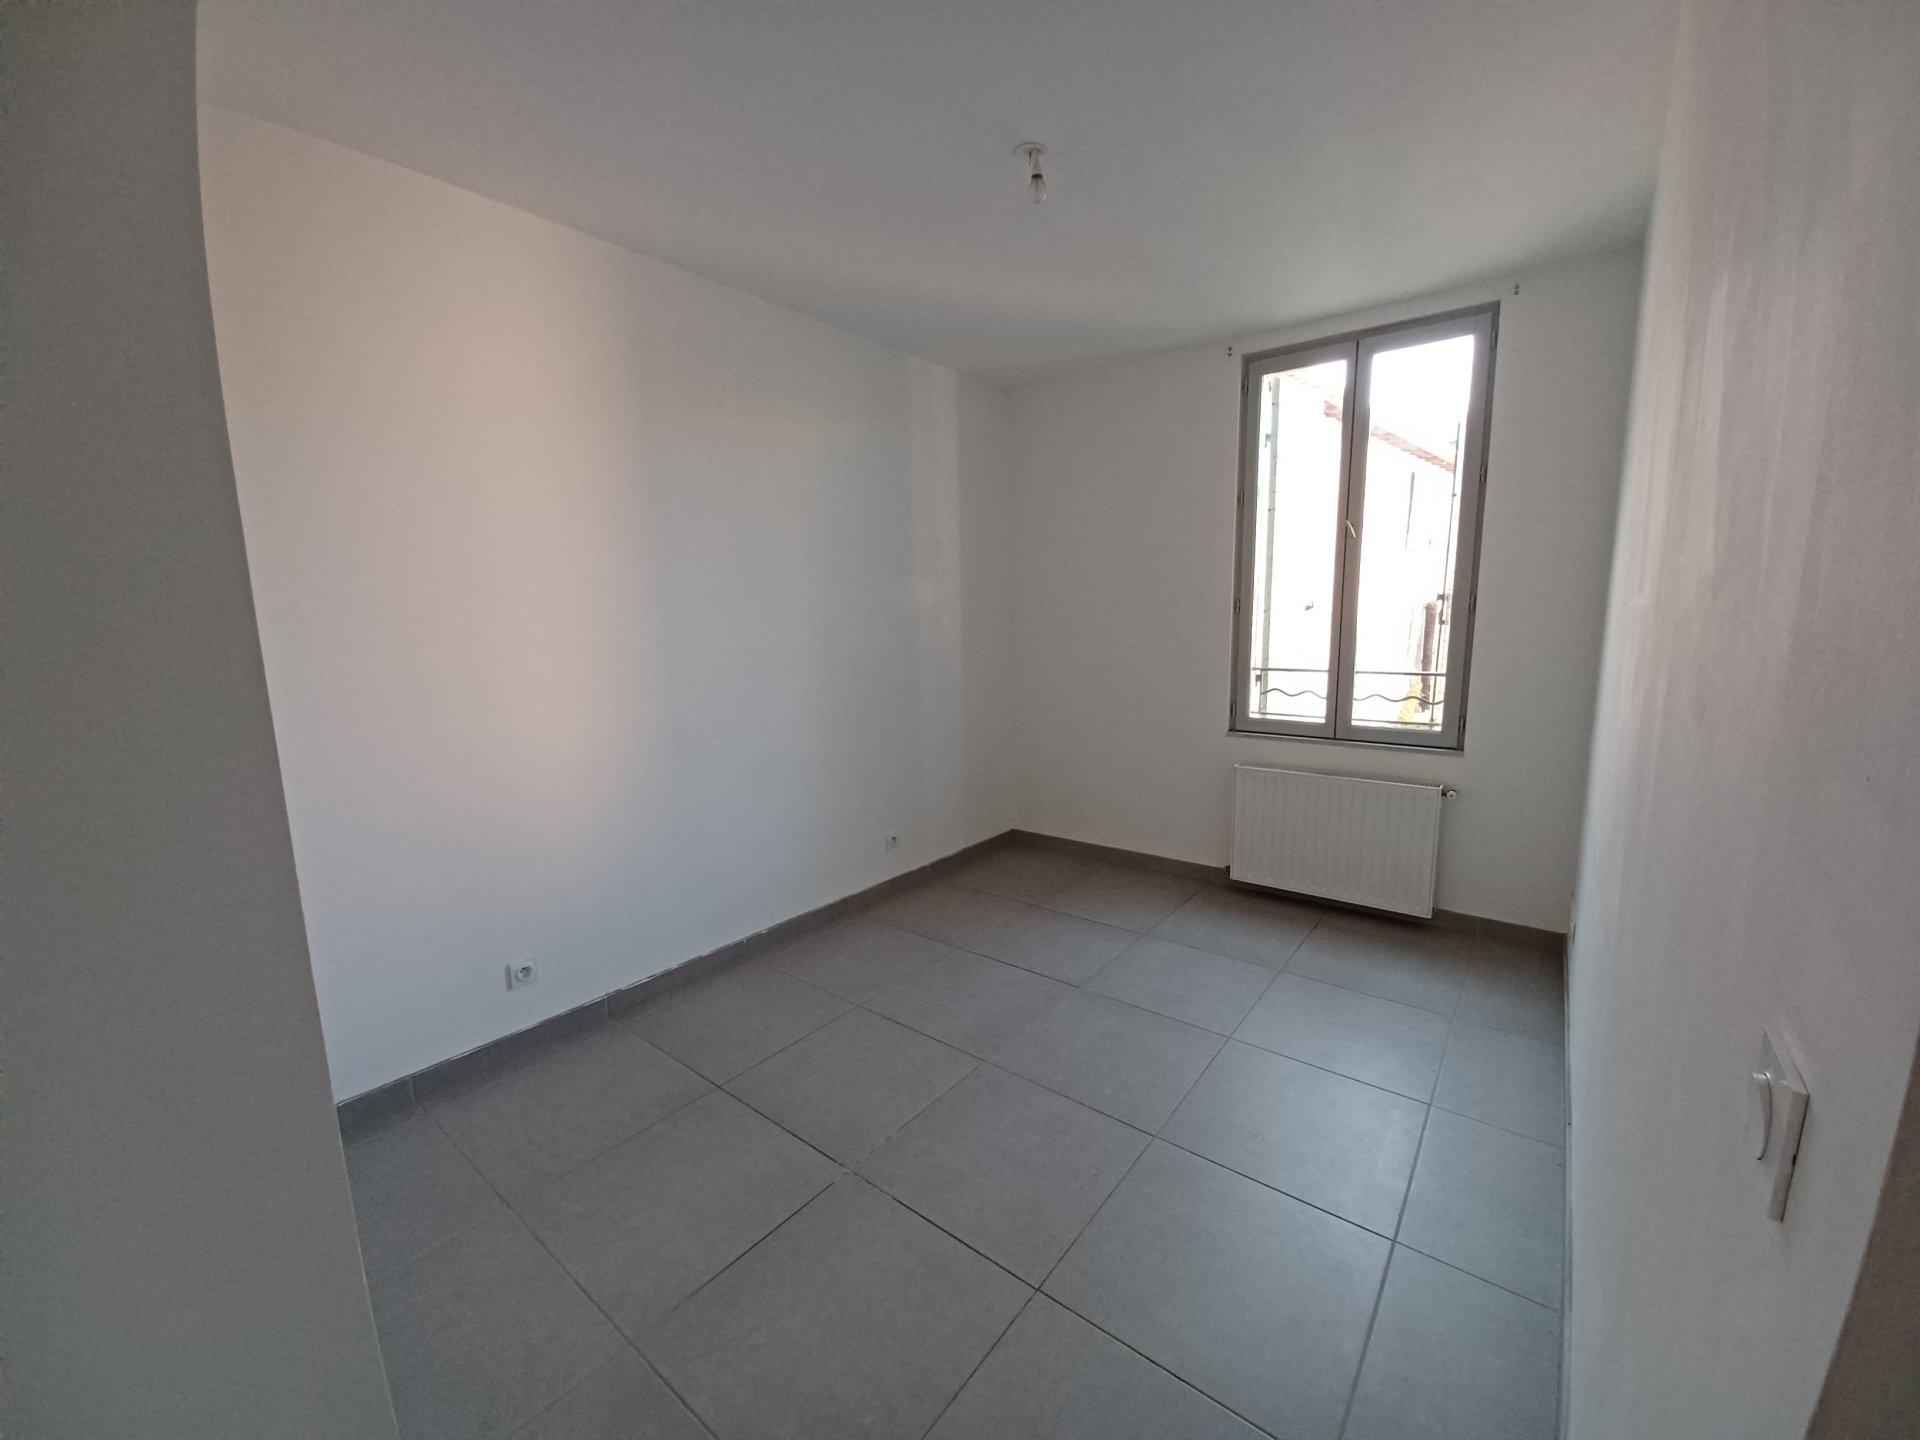 Location Appartement BEAUCAIRE séjour de 24 m²